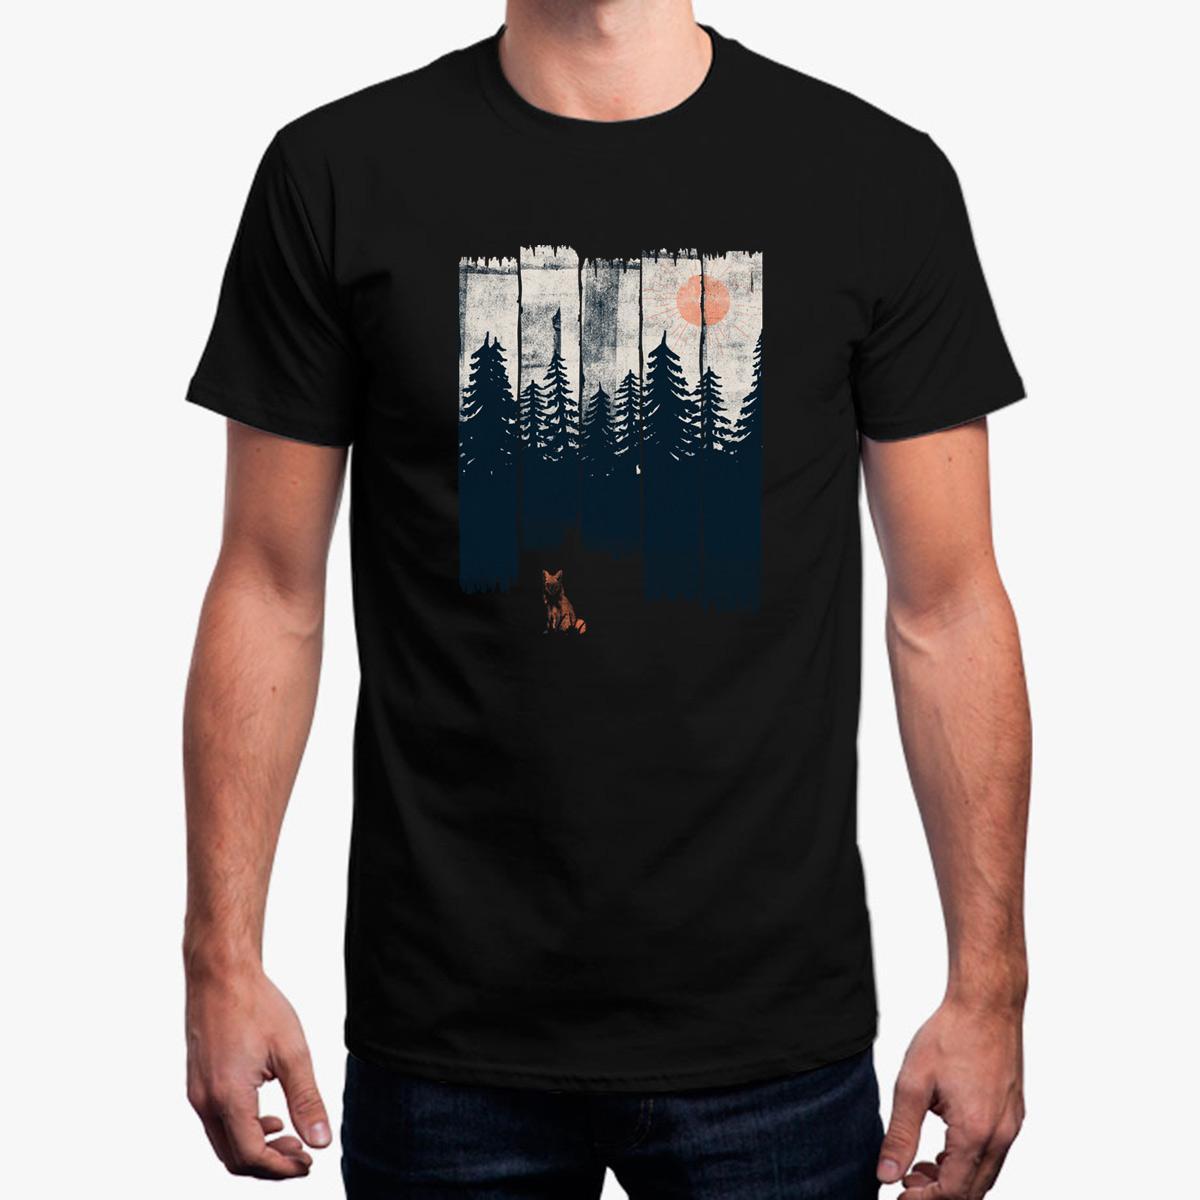 Mode T-Shirt für Männer ein Fuchs in der Wildnis ... einfarbig Herren T-Shirt Rundhals lose männliche T-Shirt für Männer Euro Größe Tops